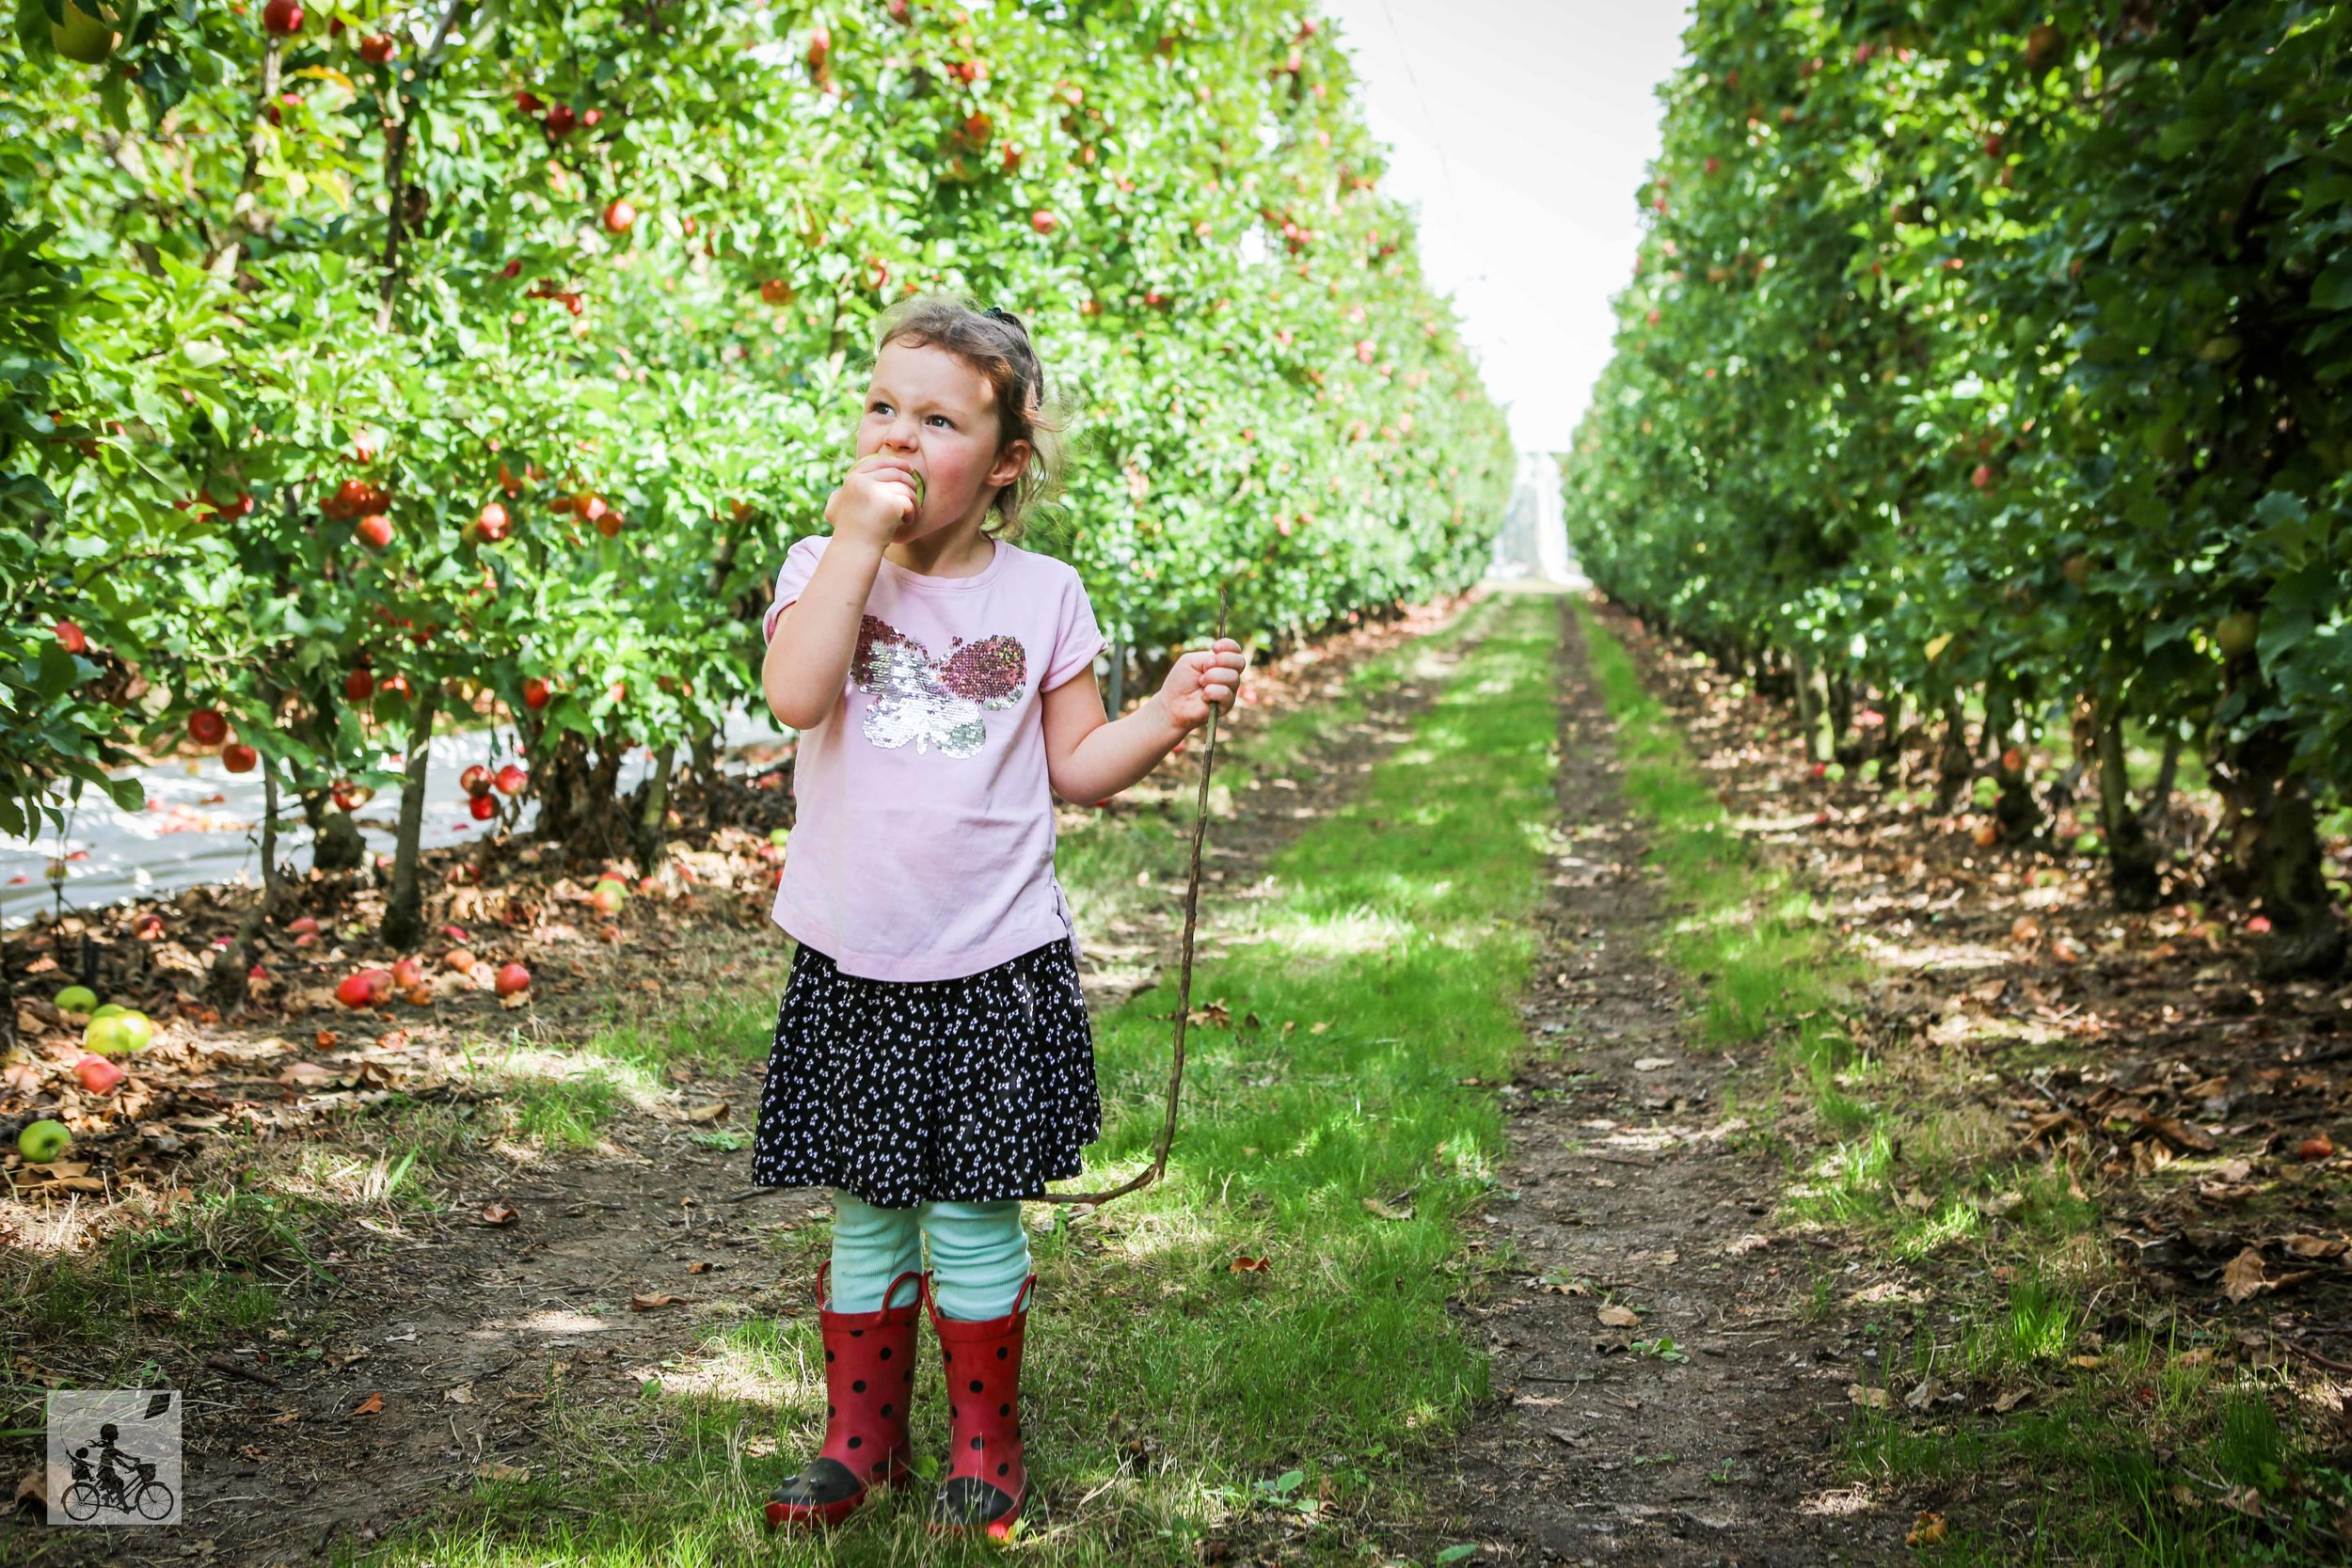 Mamma Knows East - Sanders Apples (30 of 40).jpg